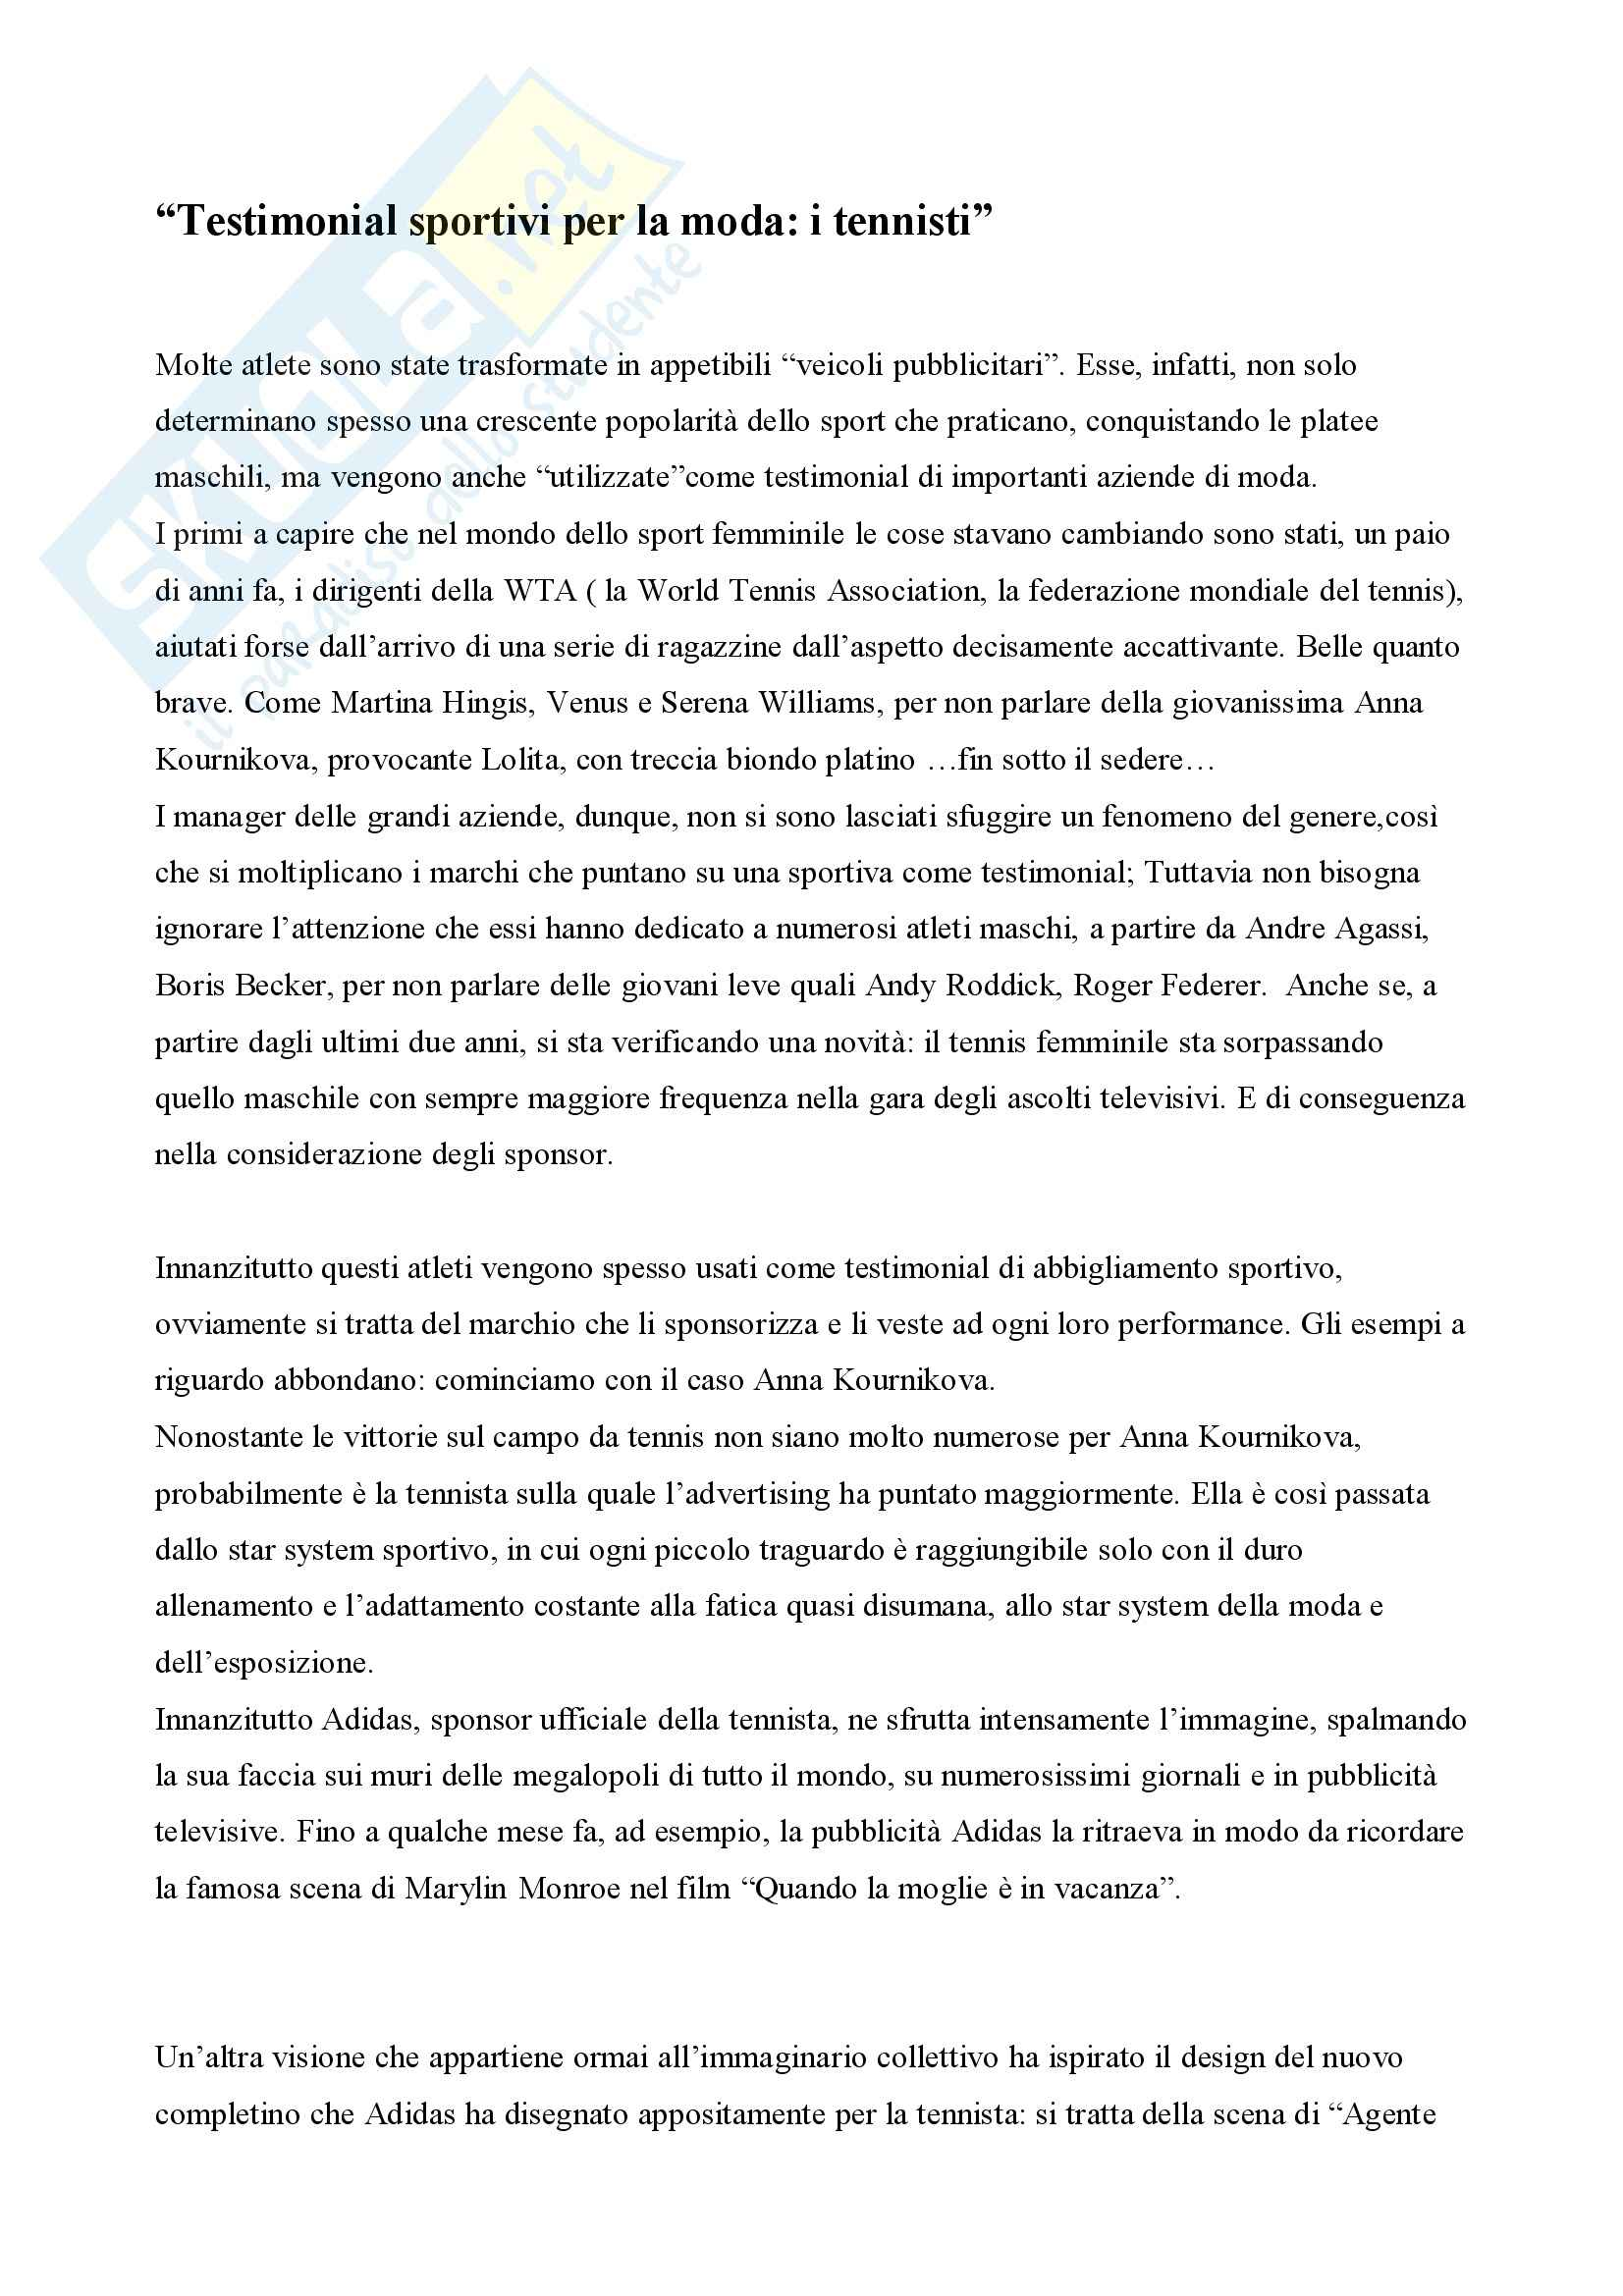 Sociologia dei prodotti culturali - Tesina Pag. 2